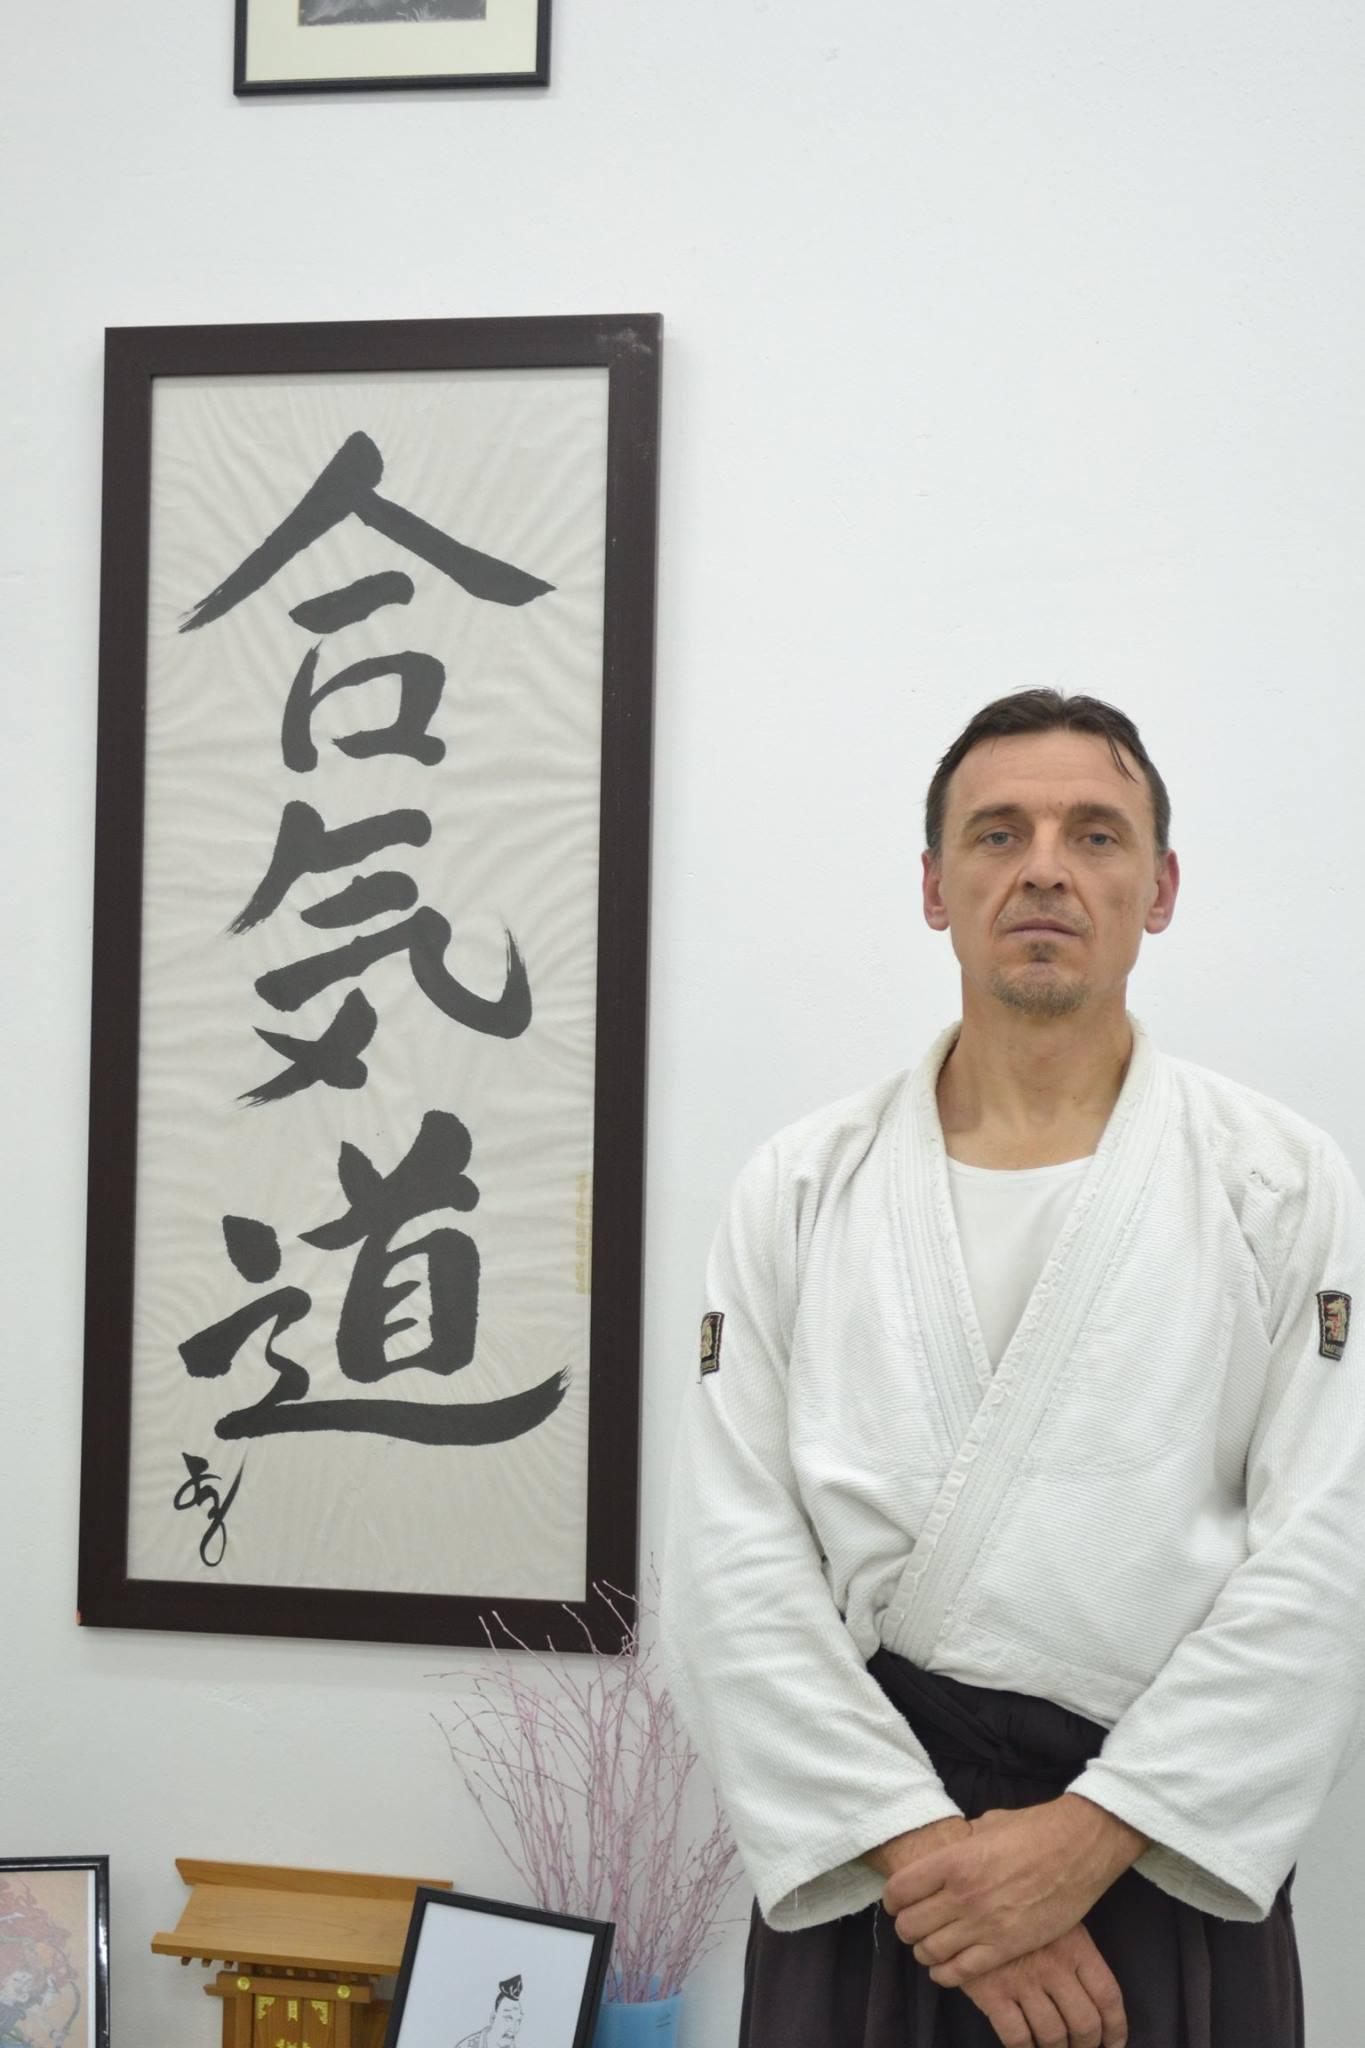 Γιάννης Κουρουτίδης, 1o Dan Aikikai